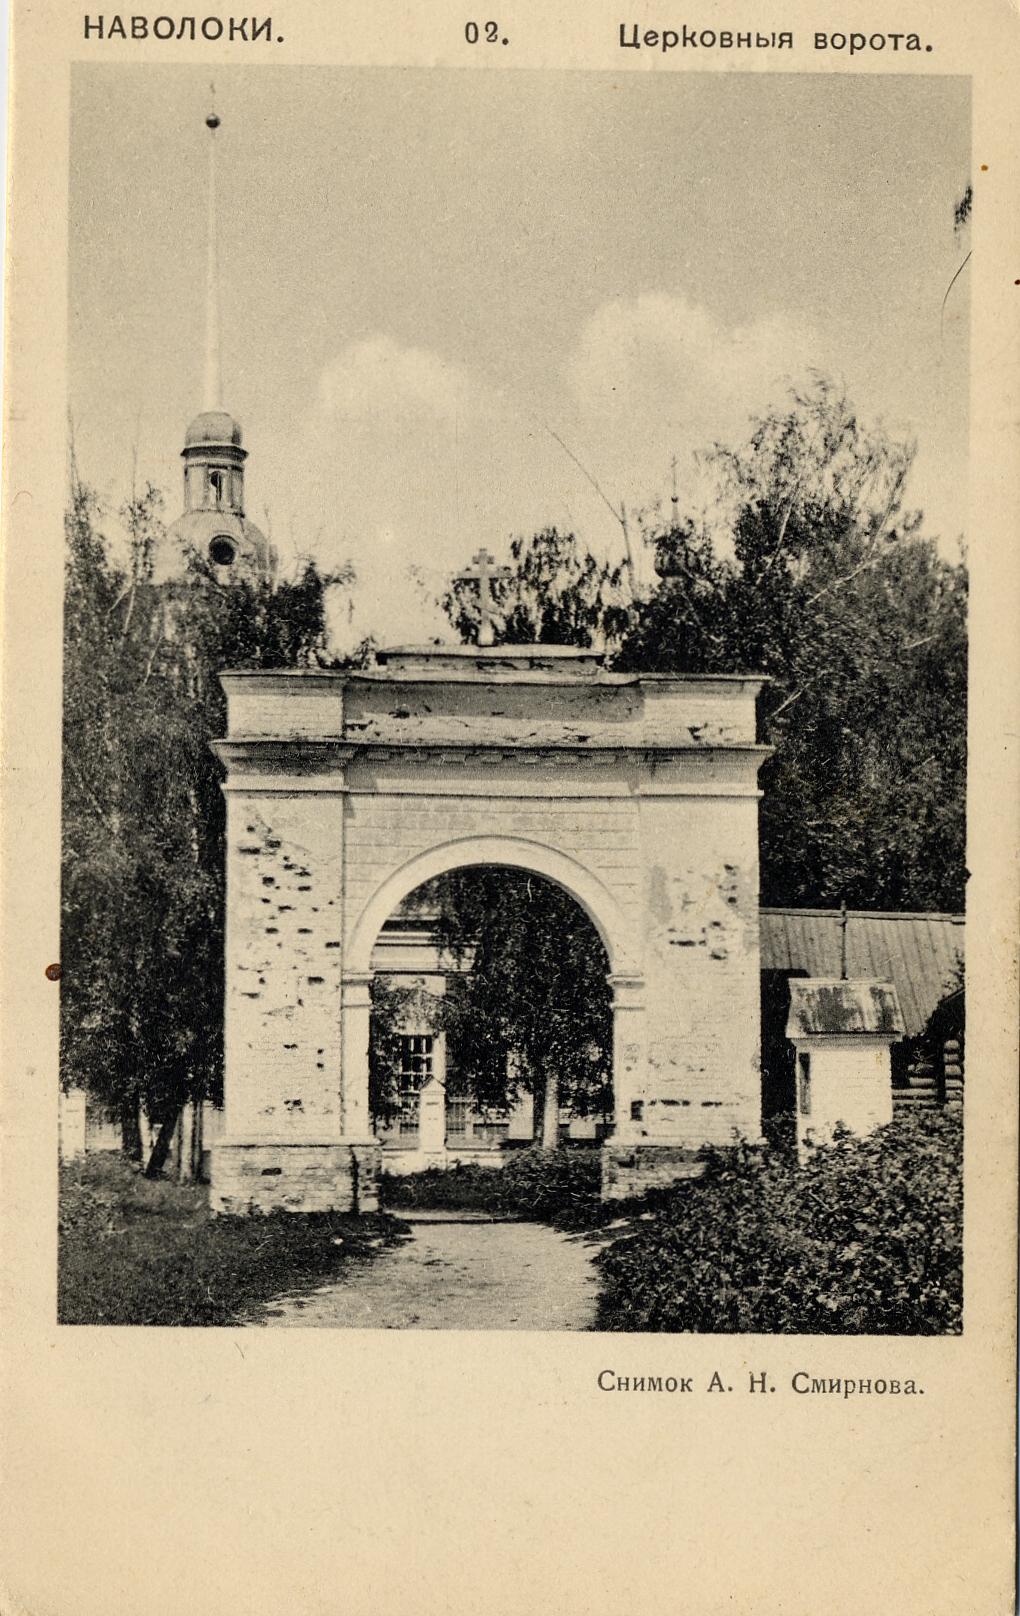 Окрестности Кинешмы. Наволоки. Церковные ворота